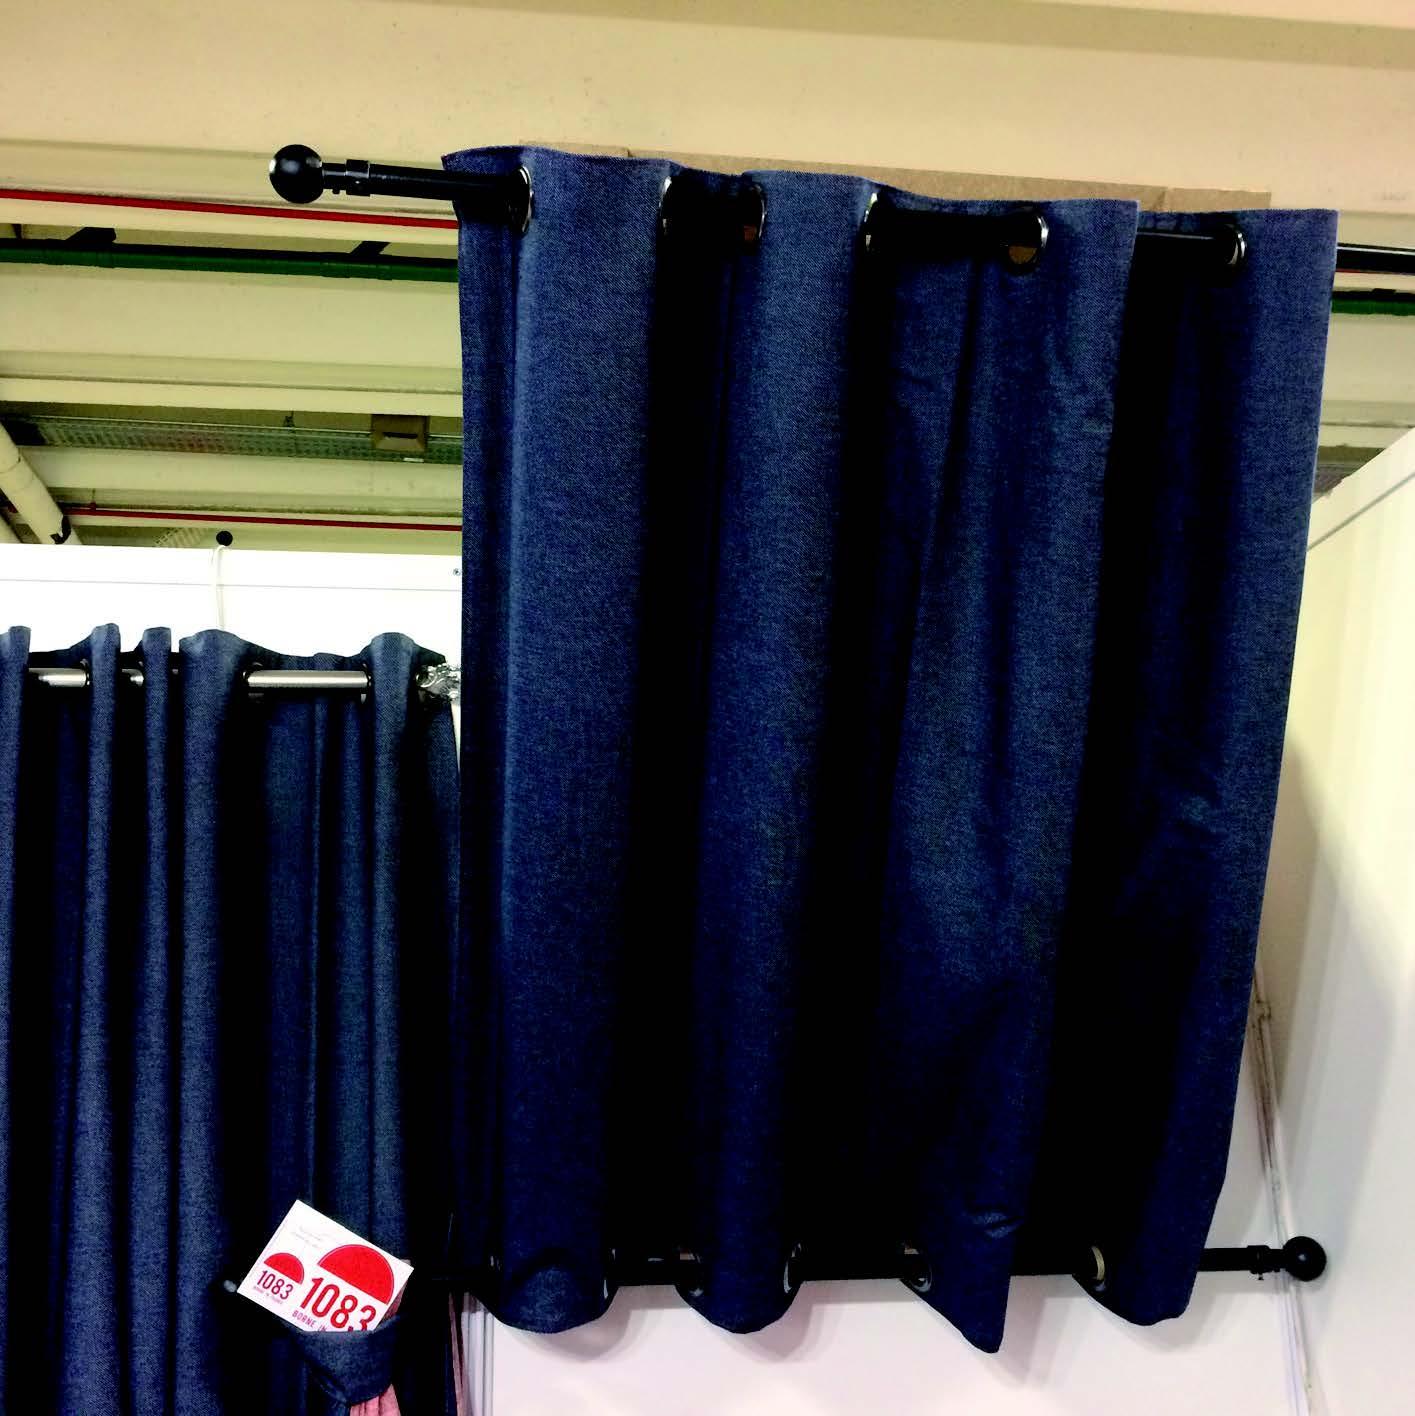 comment mettre des rideaux sur un velux  rideaux velux  comment mettre un rideau sur un velux r